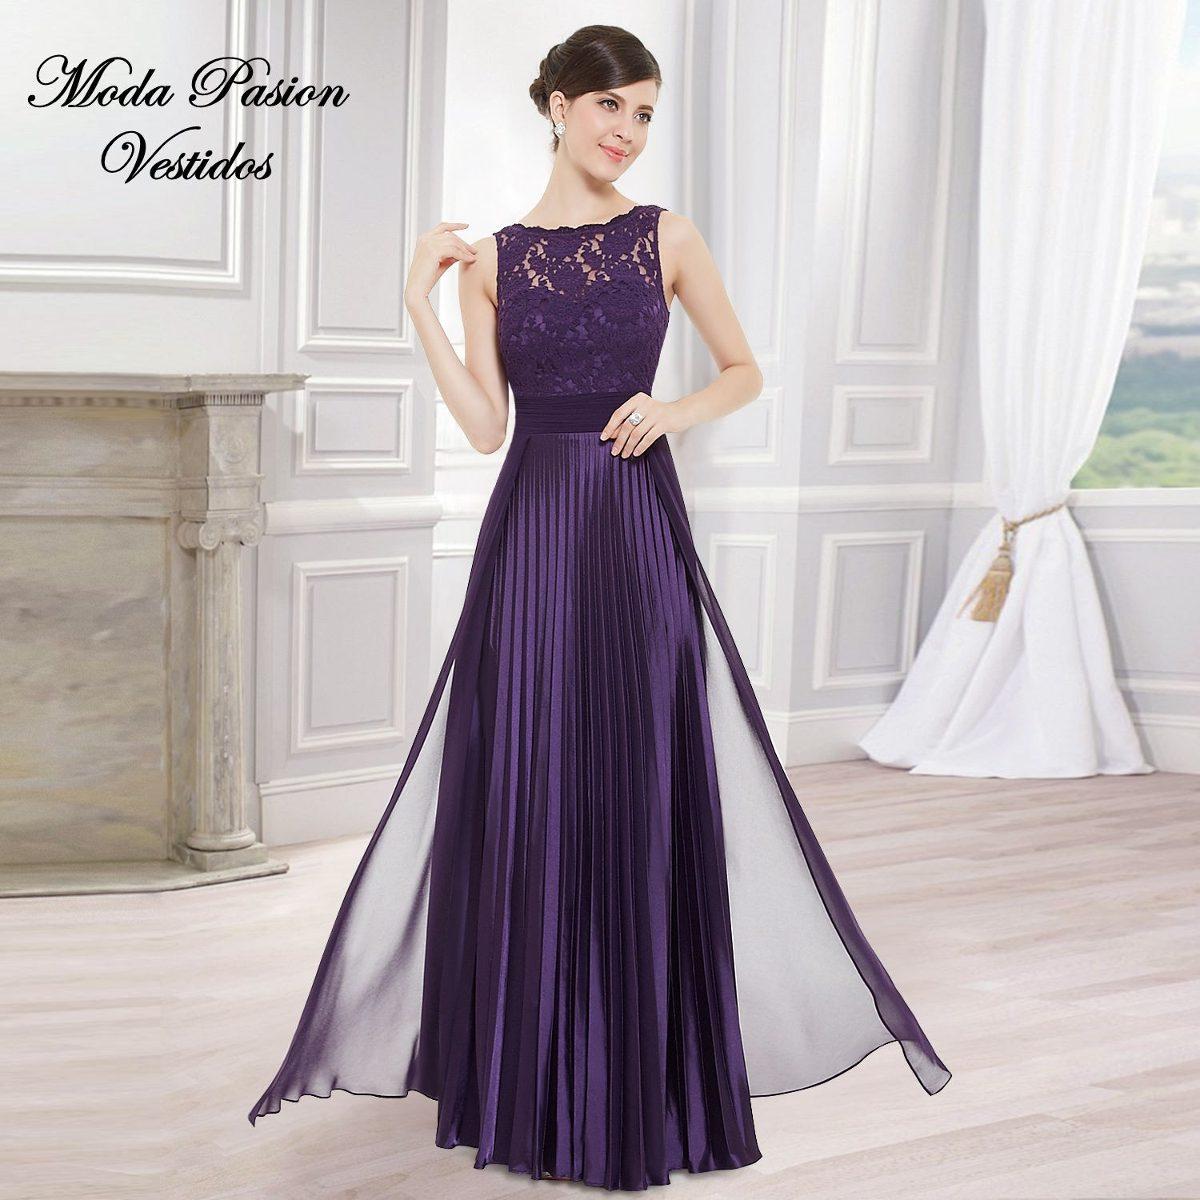 f051fbc1d glamoroso vestido plisado largo madrina bodas moda pasion. Cargando zoom.